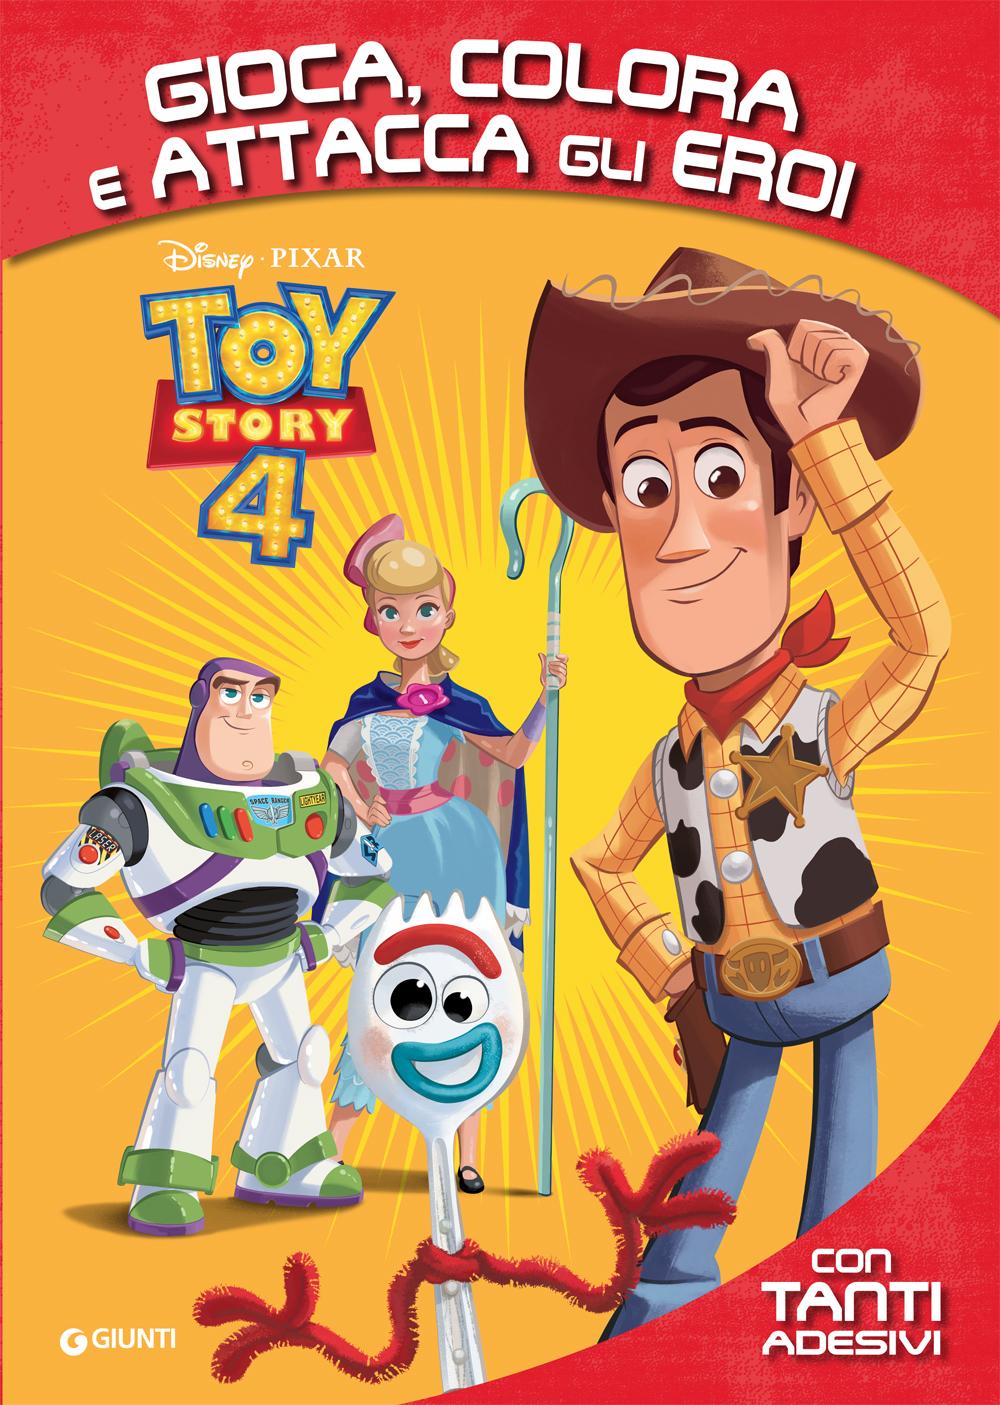 Attacca gli Eroi - Gioca, Colora e Attacca Toy Story 4